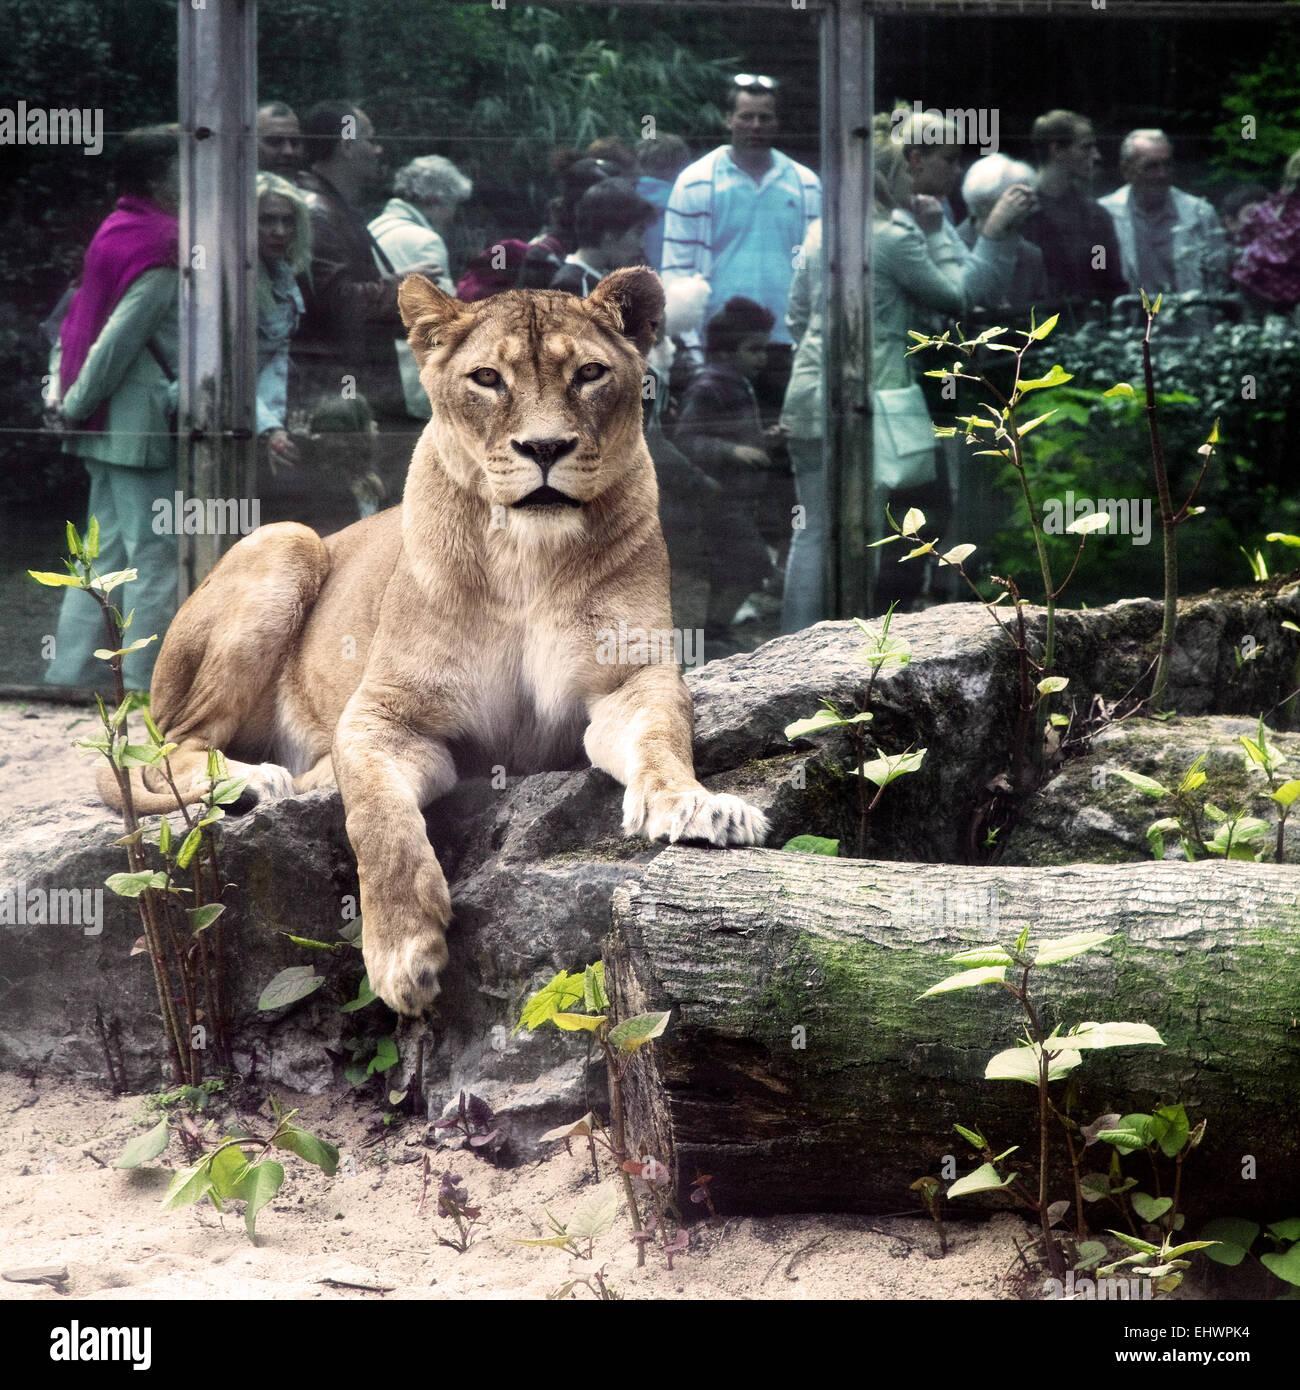 Löwen und Menschen, Duisburger Zoo, Deutschland. Stockbild